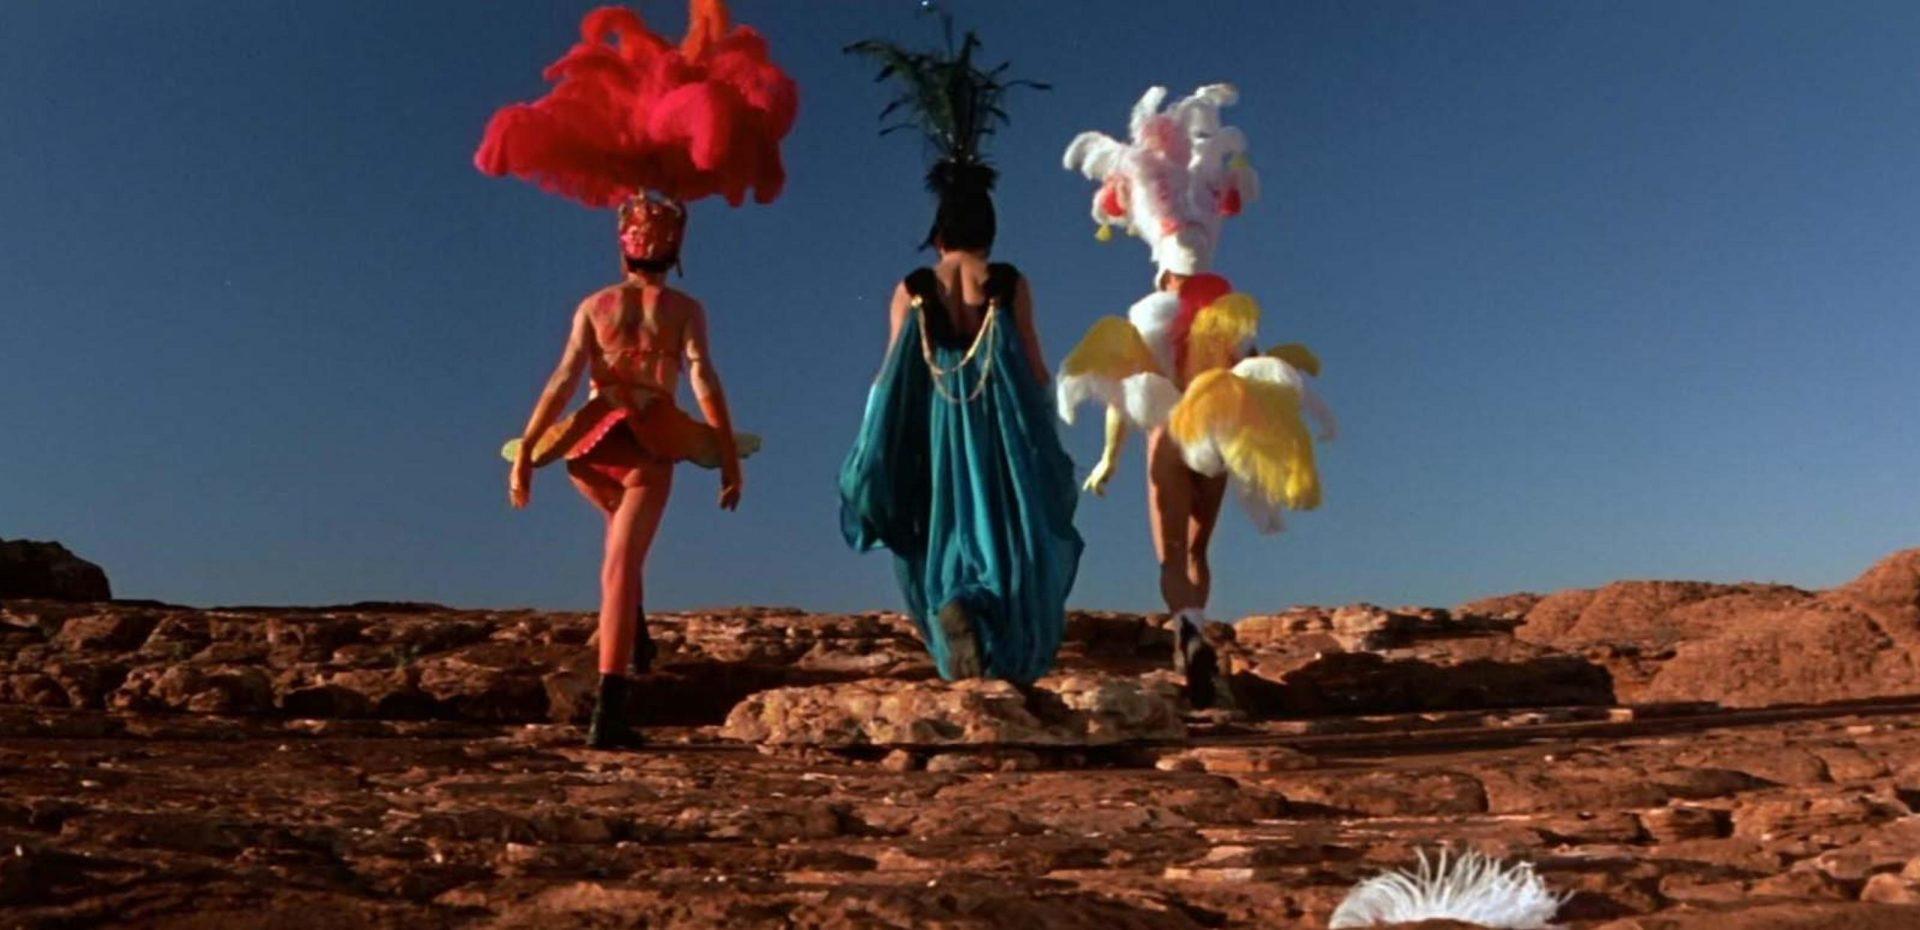 The Adventures of Priscilla, Queen of the Desert 001